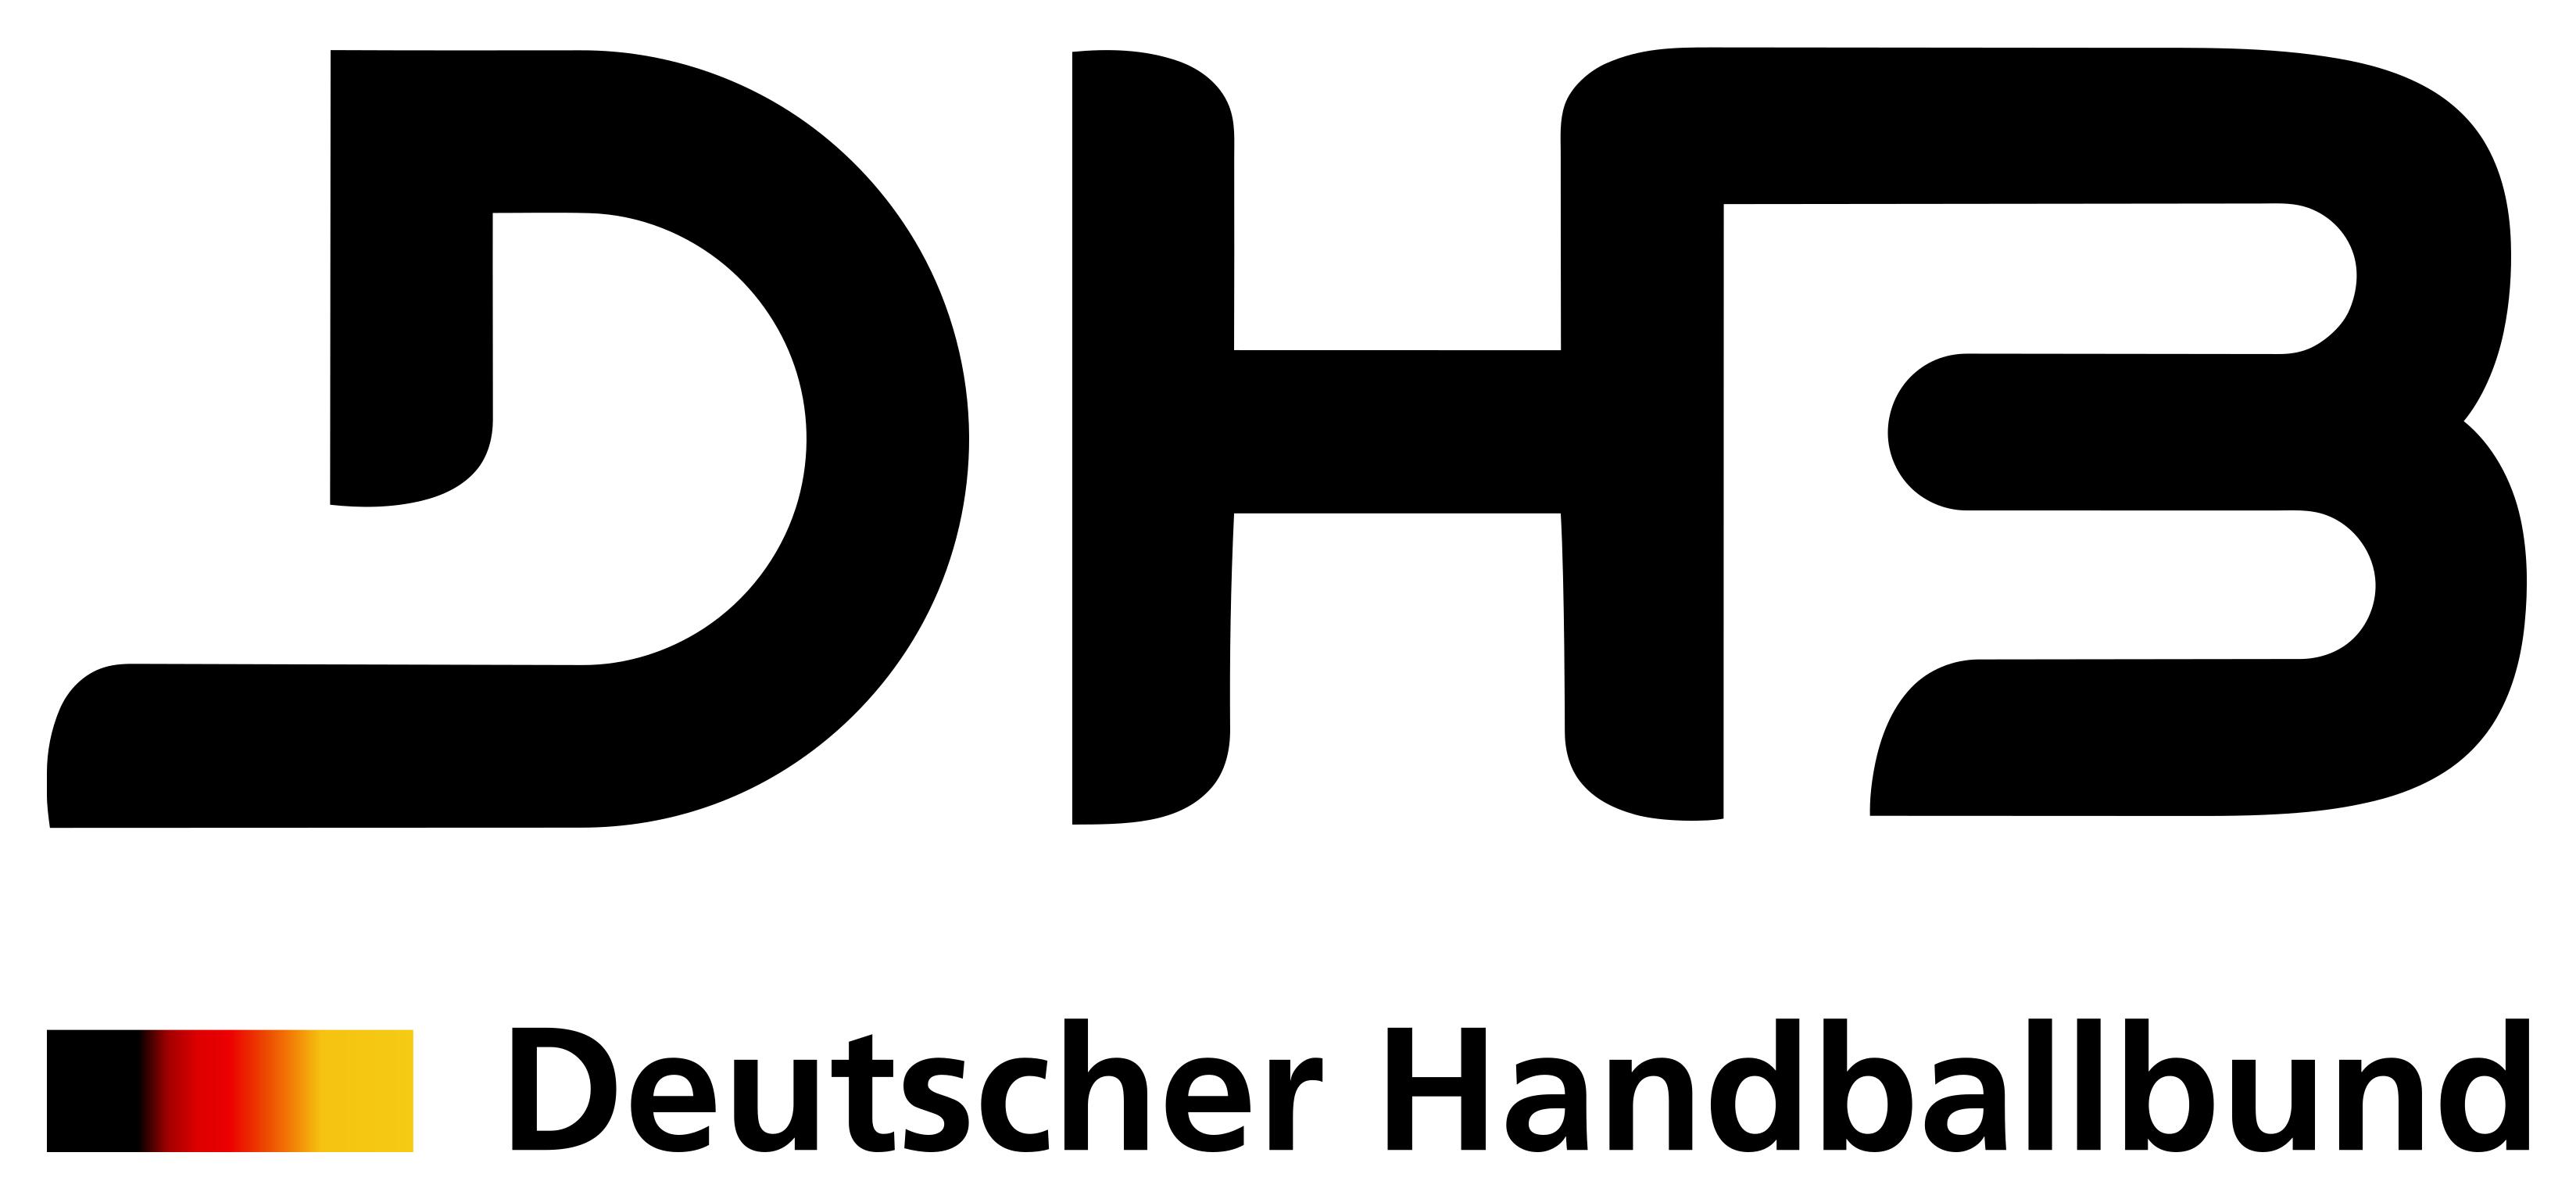 [DKB Kunden] kostenlos zu den Handballspielen Deutschland - Spanien (Männer) + Deutschland - Niederlande (Frauen) am 29.10.17 in Berlin